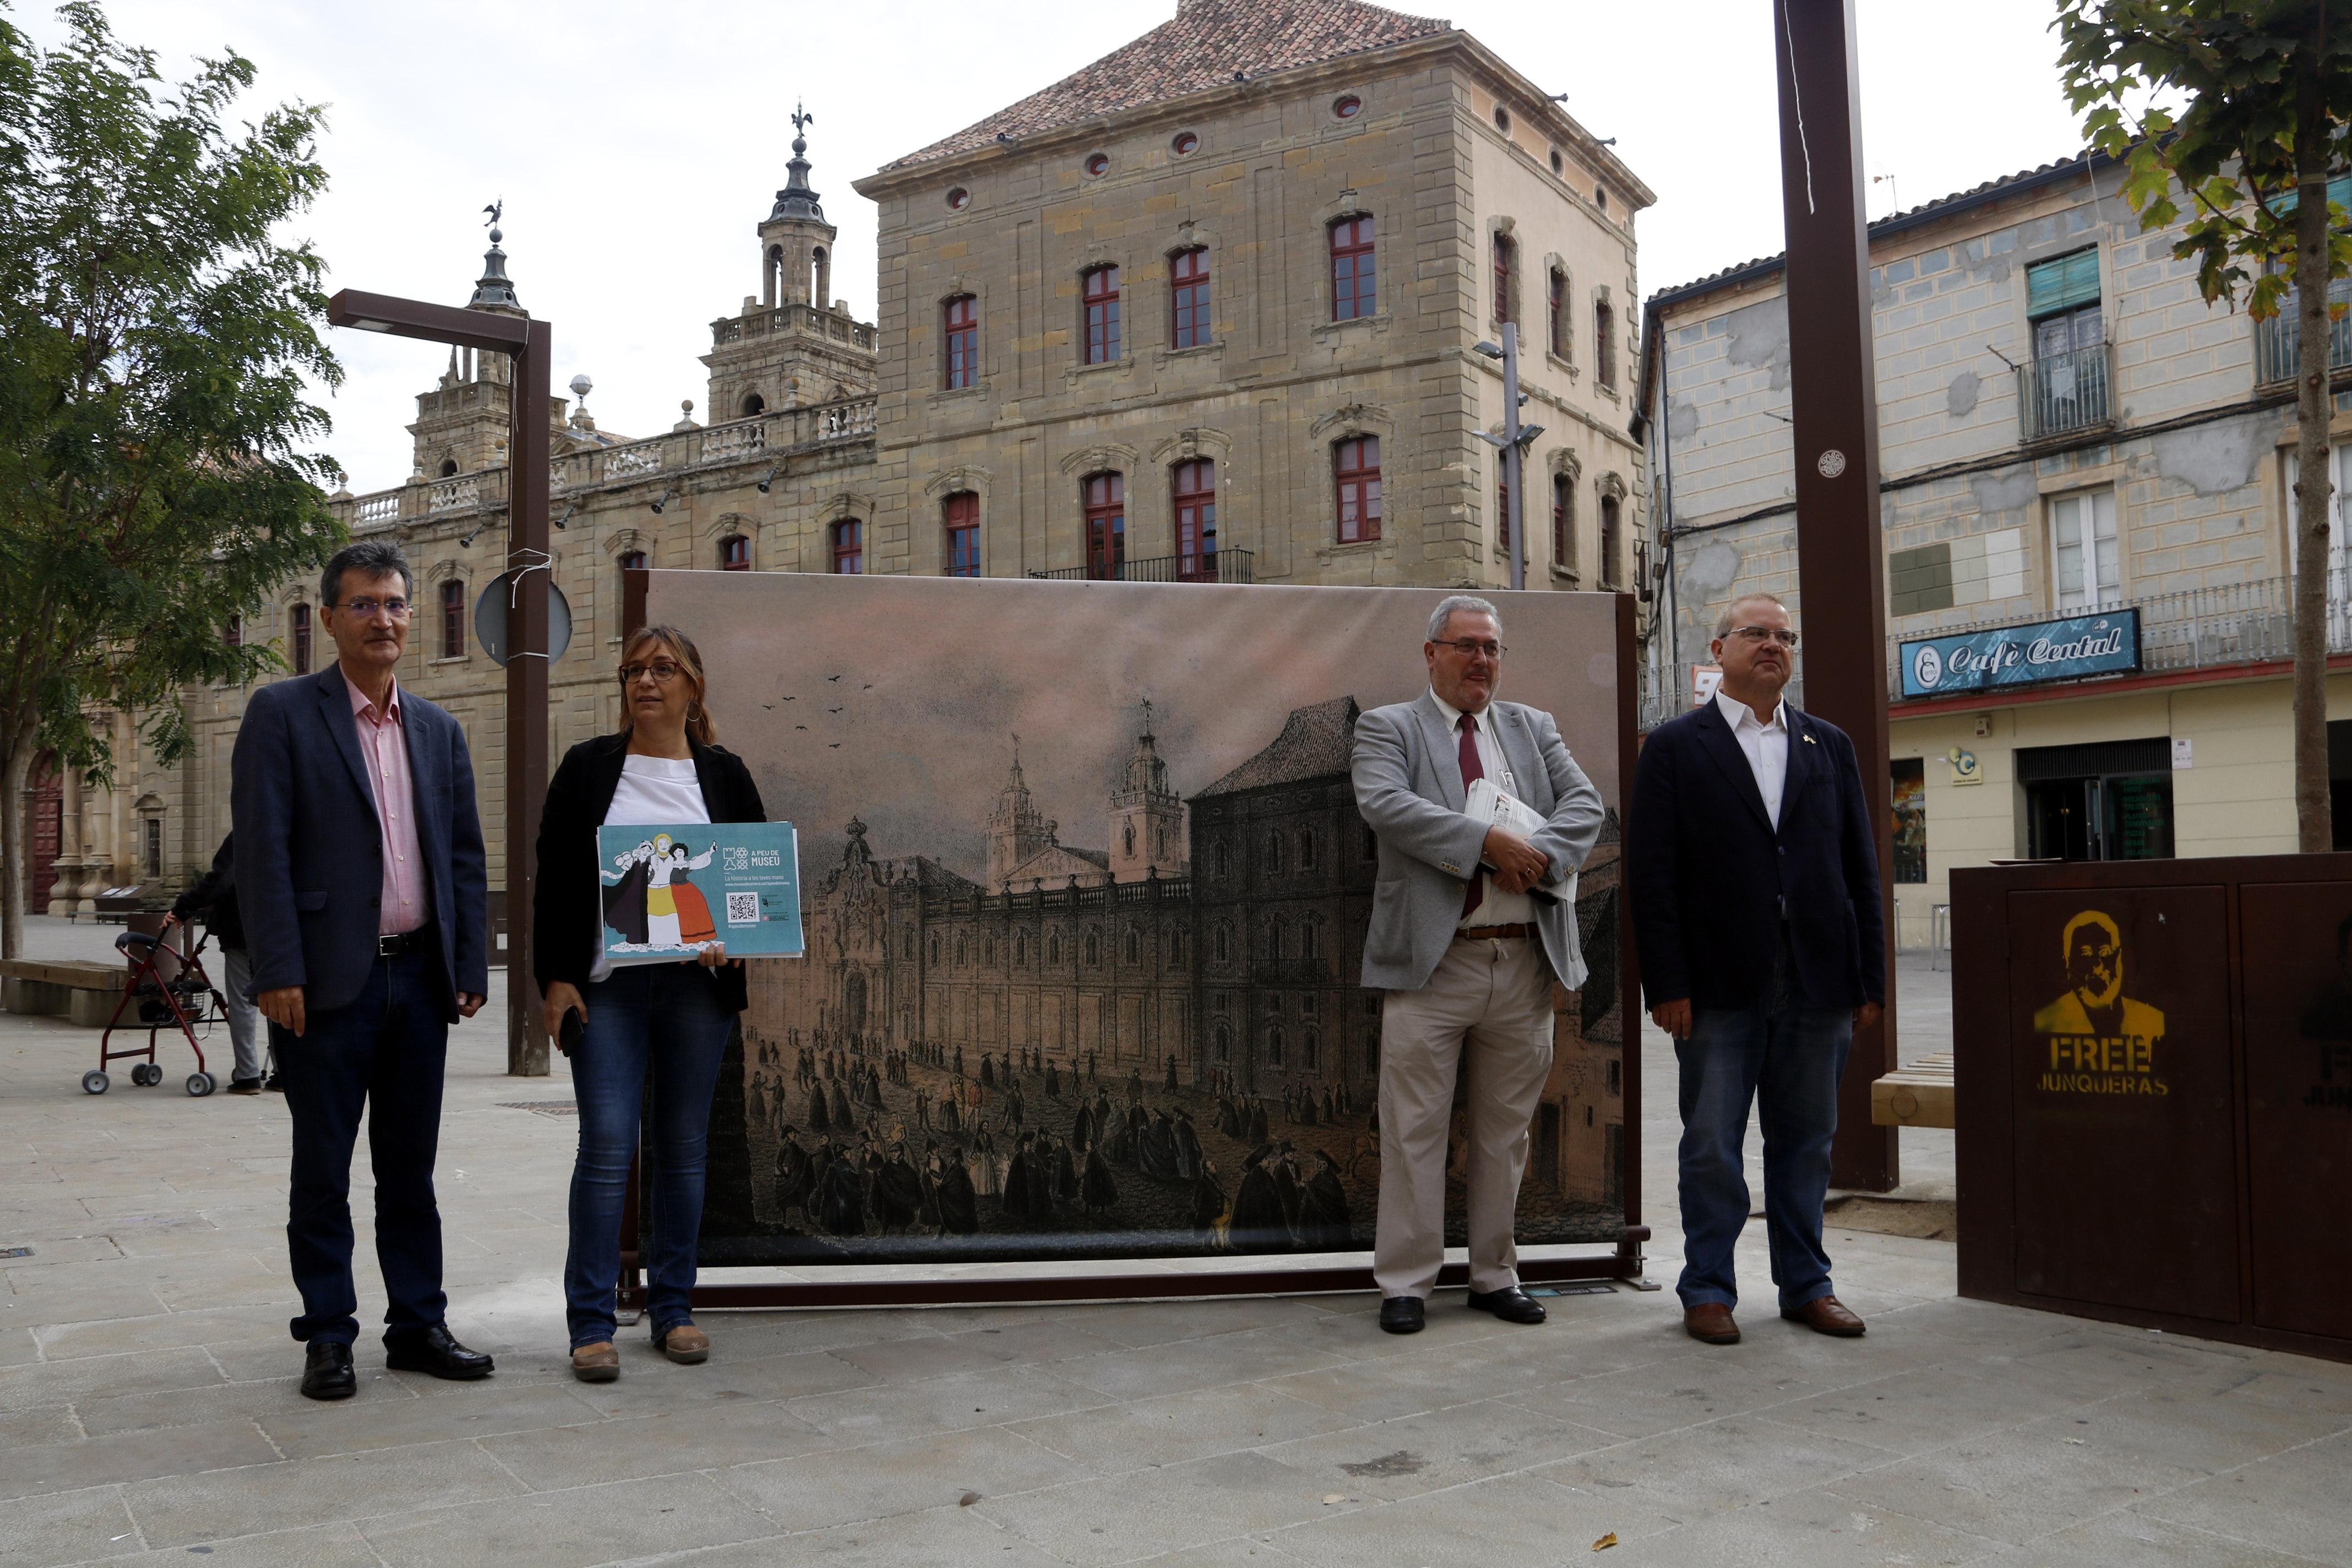 Cervera enceta les Jornades Europees de Patrimoni a Catalunya amb una App de rutes històriques autoguiades